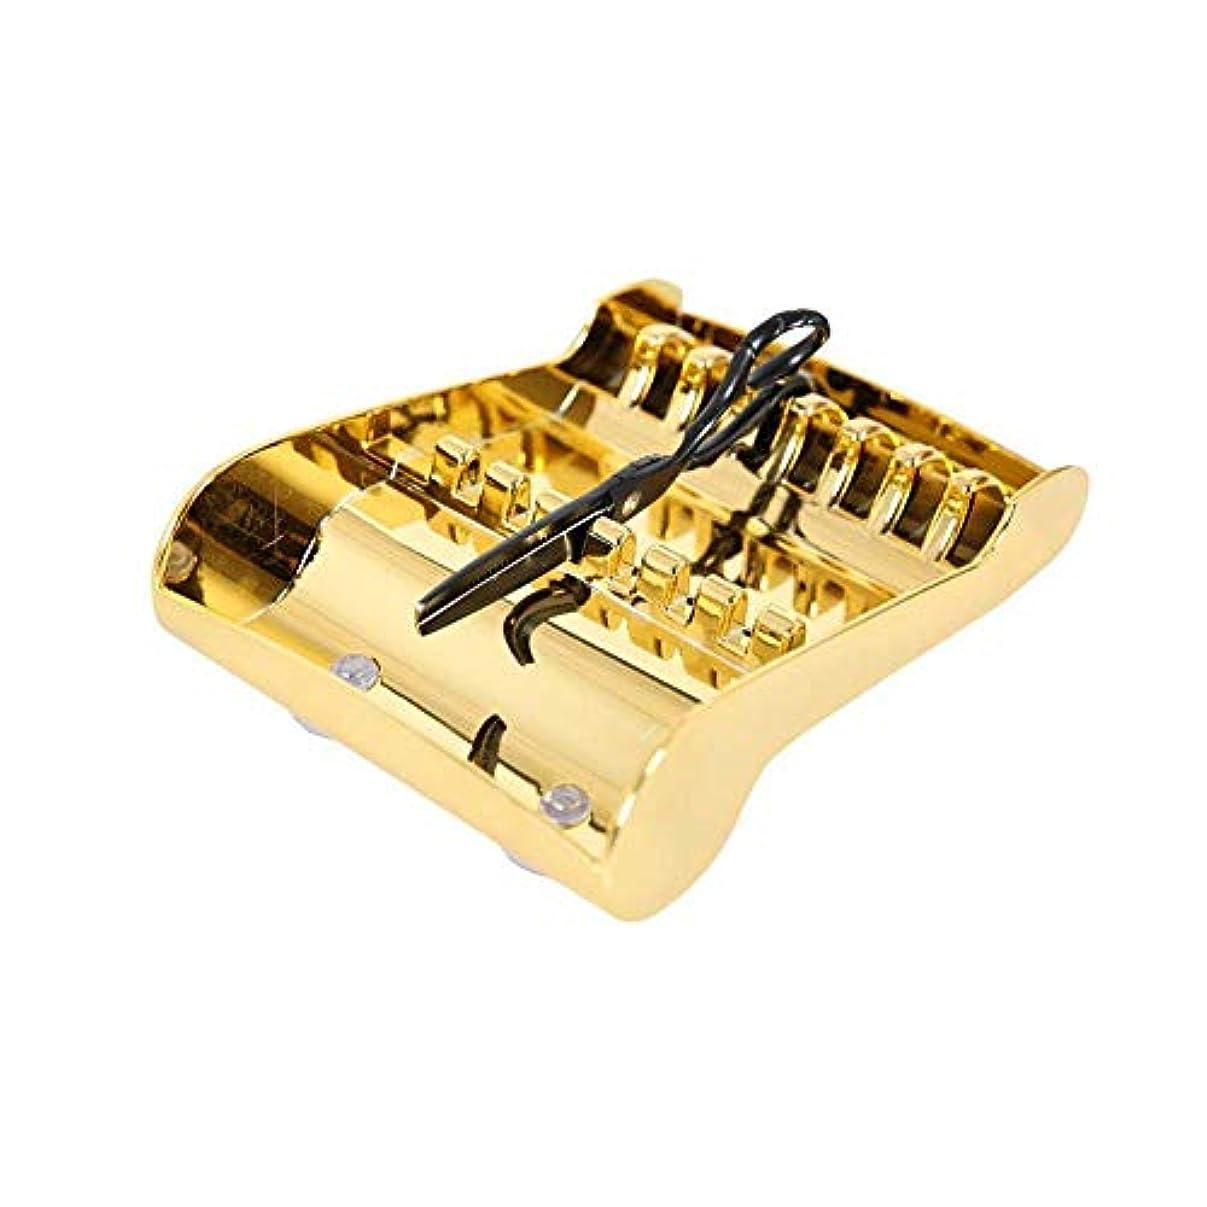 めんどりペニーマーティフィールディングはさみのディスプレイラック毎日のはさみ収納ラックツールホルダー用ヘアスタイリスト20.5 13.8 5.5Cm(ゴールド)